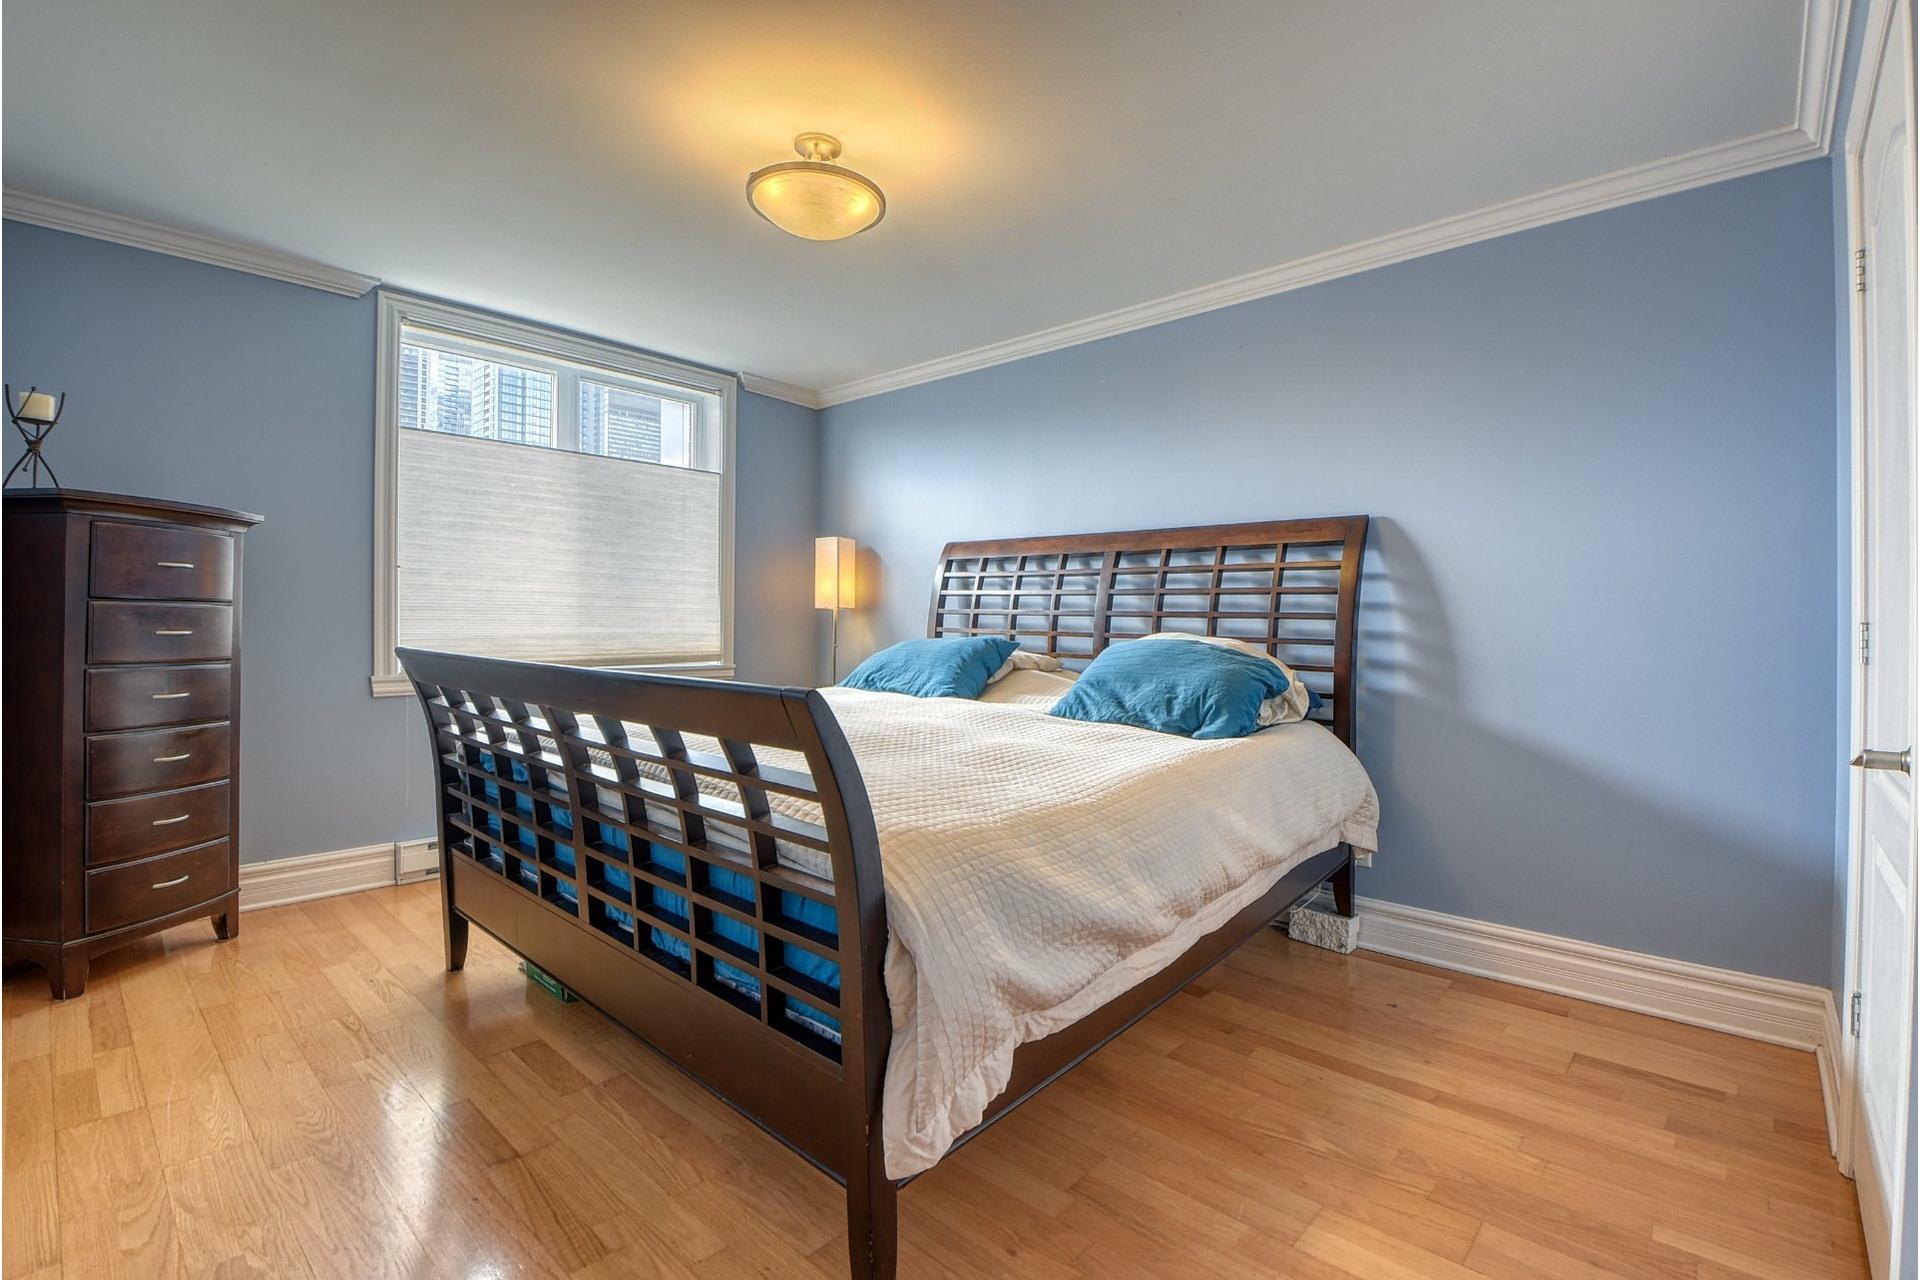 image 8 - Apartment For sale Ville-Marie Montréal  - 6 rooms